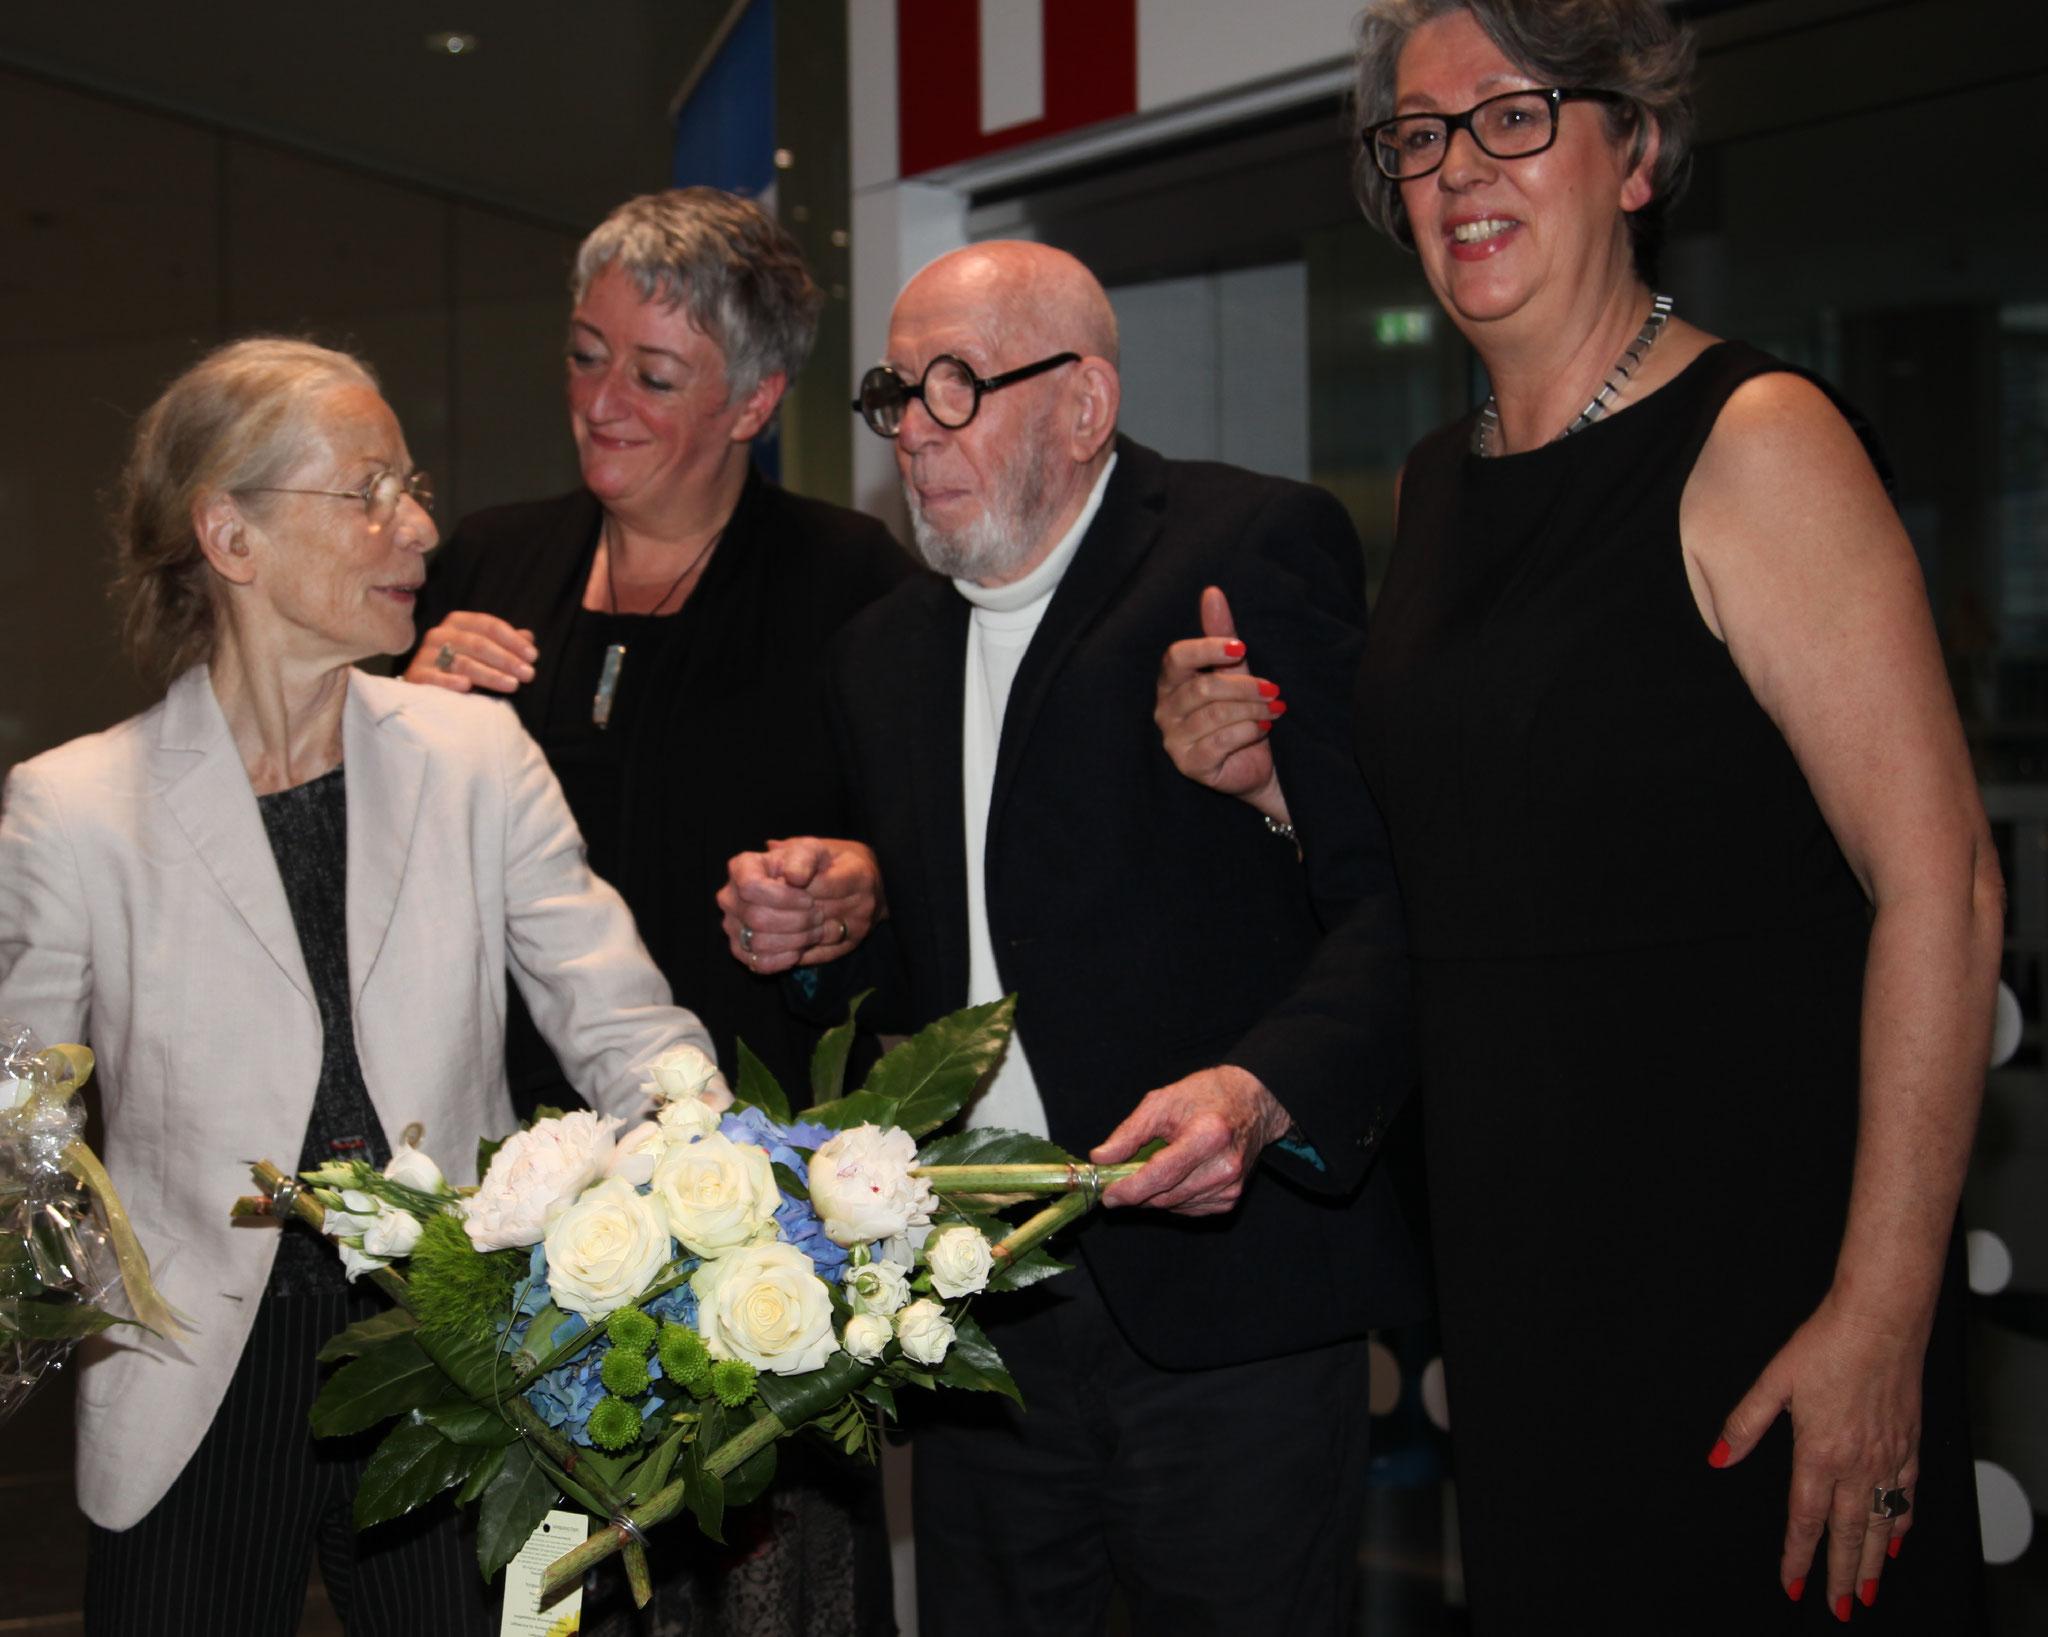 Die Preisträgerin bekommt auch Blumen